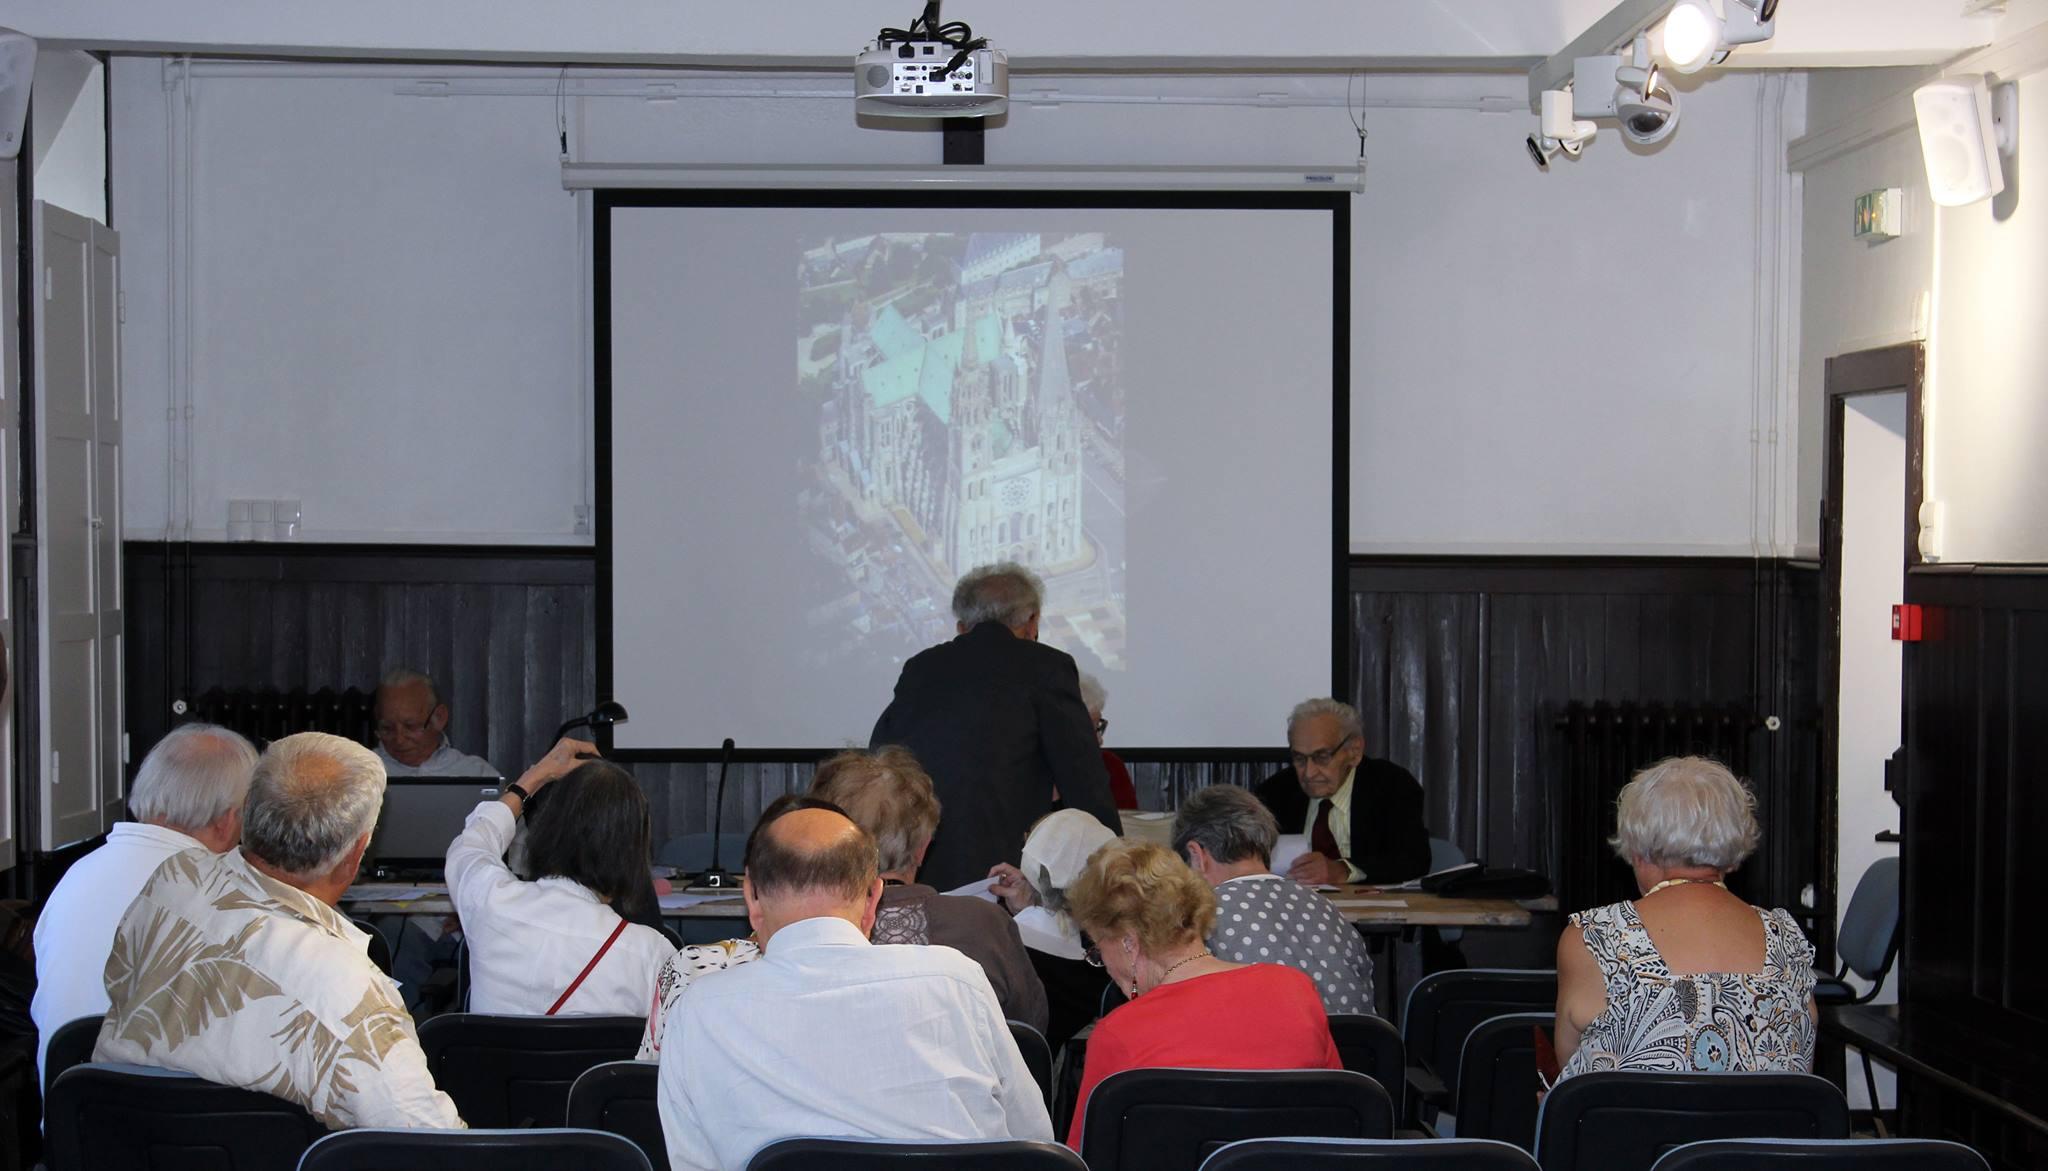 La cathédrale Notre-Dame de Chartres, macrocosme et microcosme. Conférence par Michel Renard, ingénieur honoraire de la DGA, docteur en sciences physiques, invité.